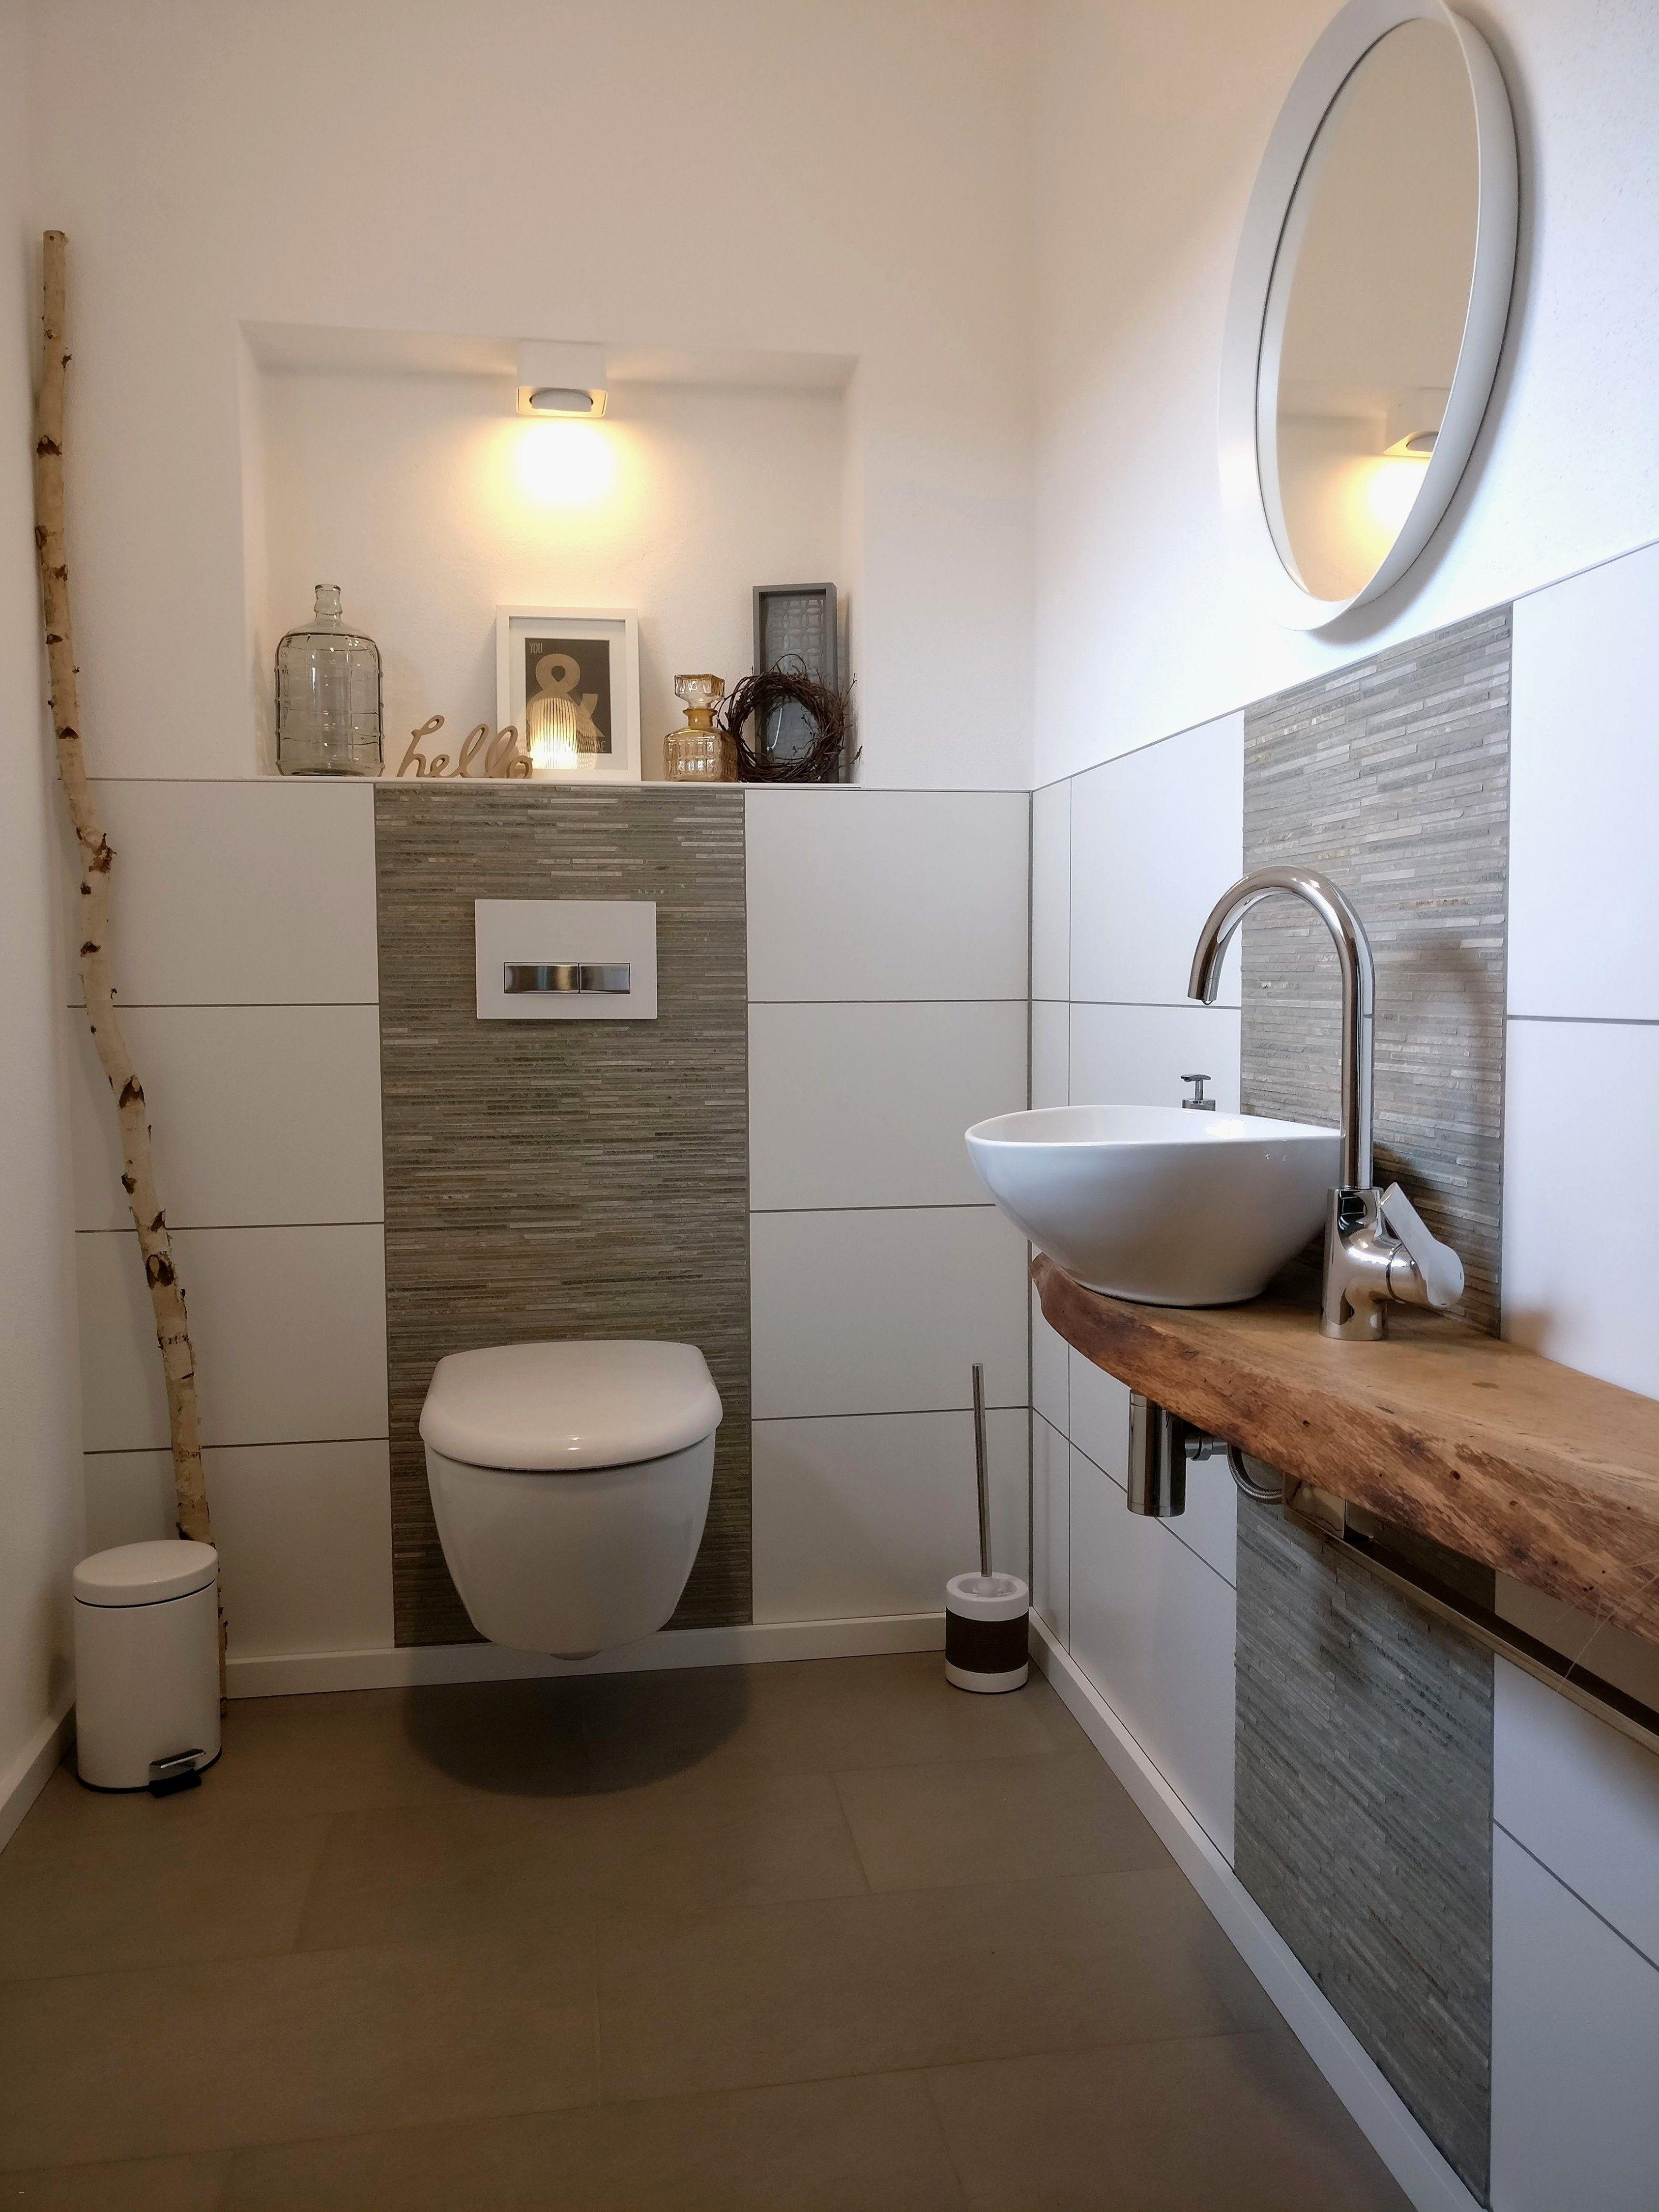 Badezimmer Fliesen Halbhoch Badezimmer Fliesen Ideen Bilder Kleines Bad Fliesen Kleine Gaste Wc